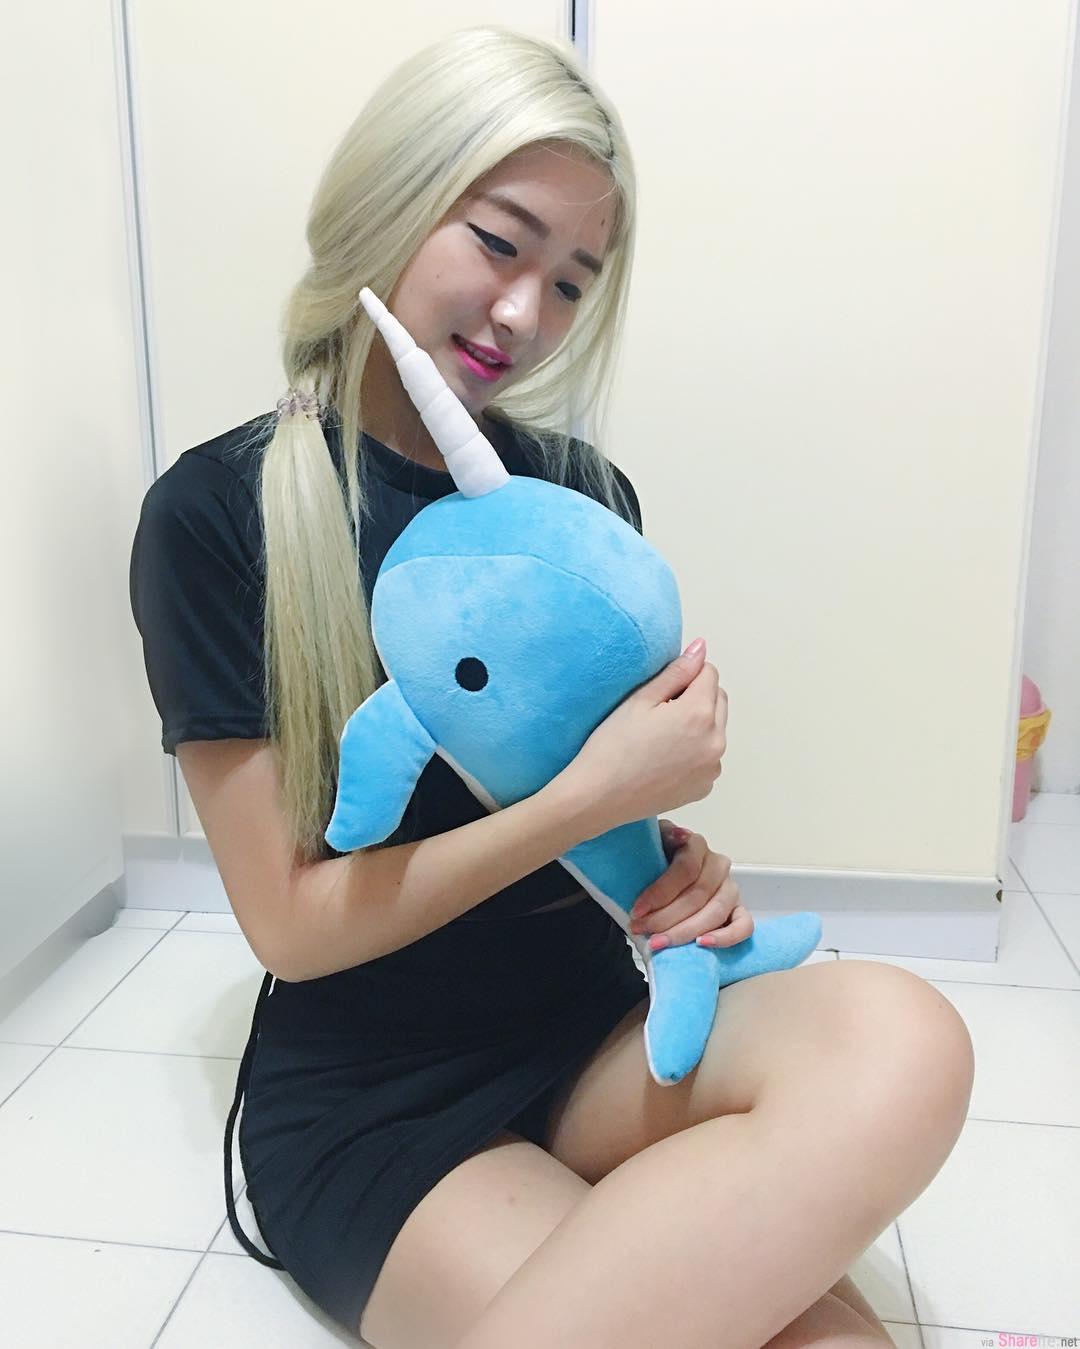 新加坡正妹 SHERRILL,性感美腿,网友:超厉害的平衡感